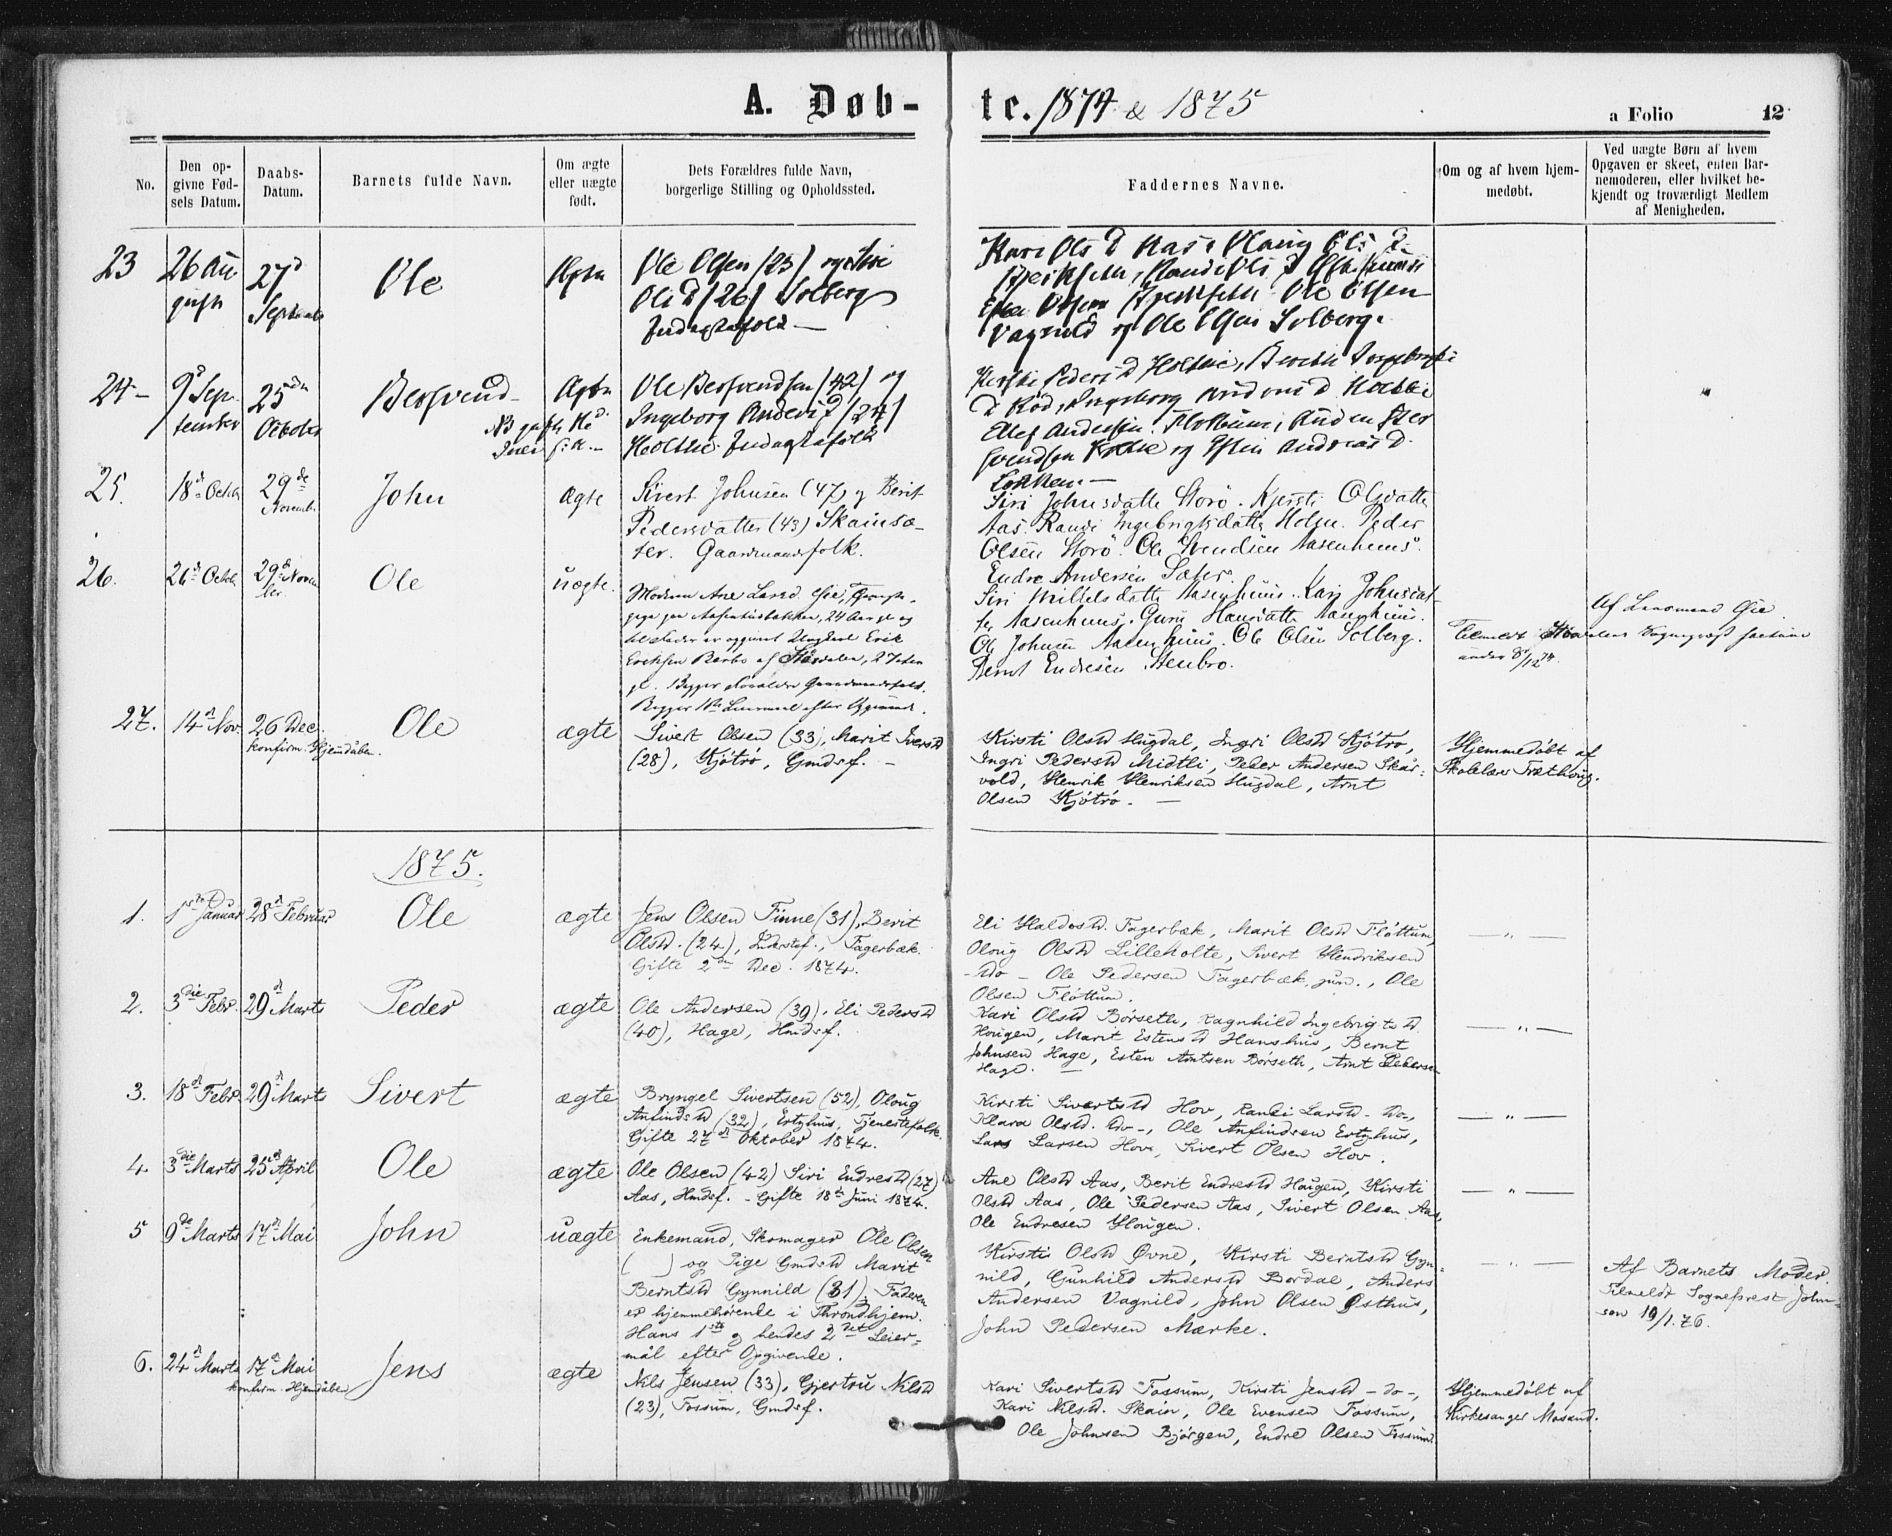 SAT, Ministerialprotokoller, klokkerbøker og fødselsregistre - Sør-Trøndelag, 689/L1039: Ministerialbok nr. 689A04, 1865-1878, s. 12